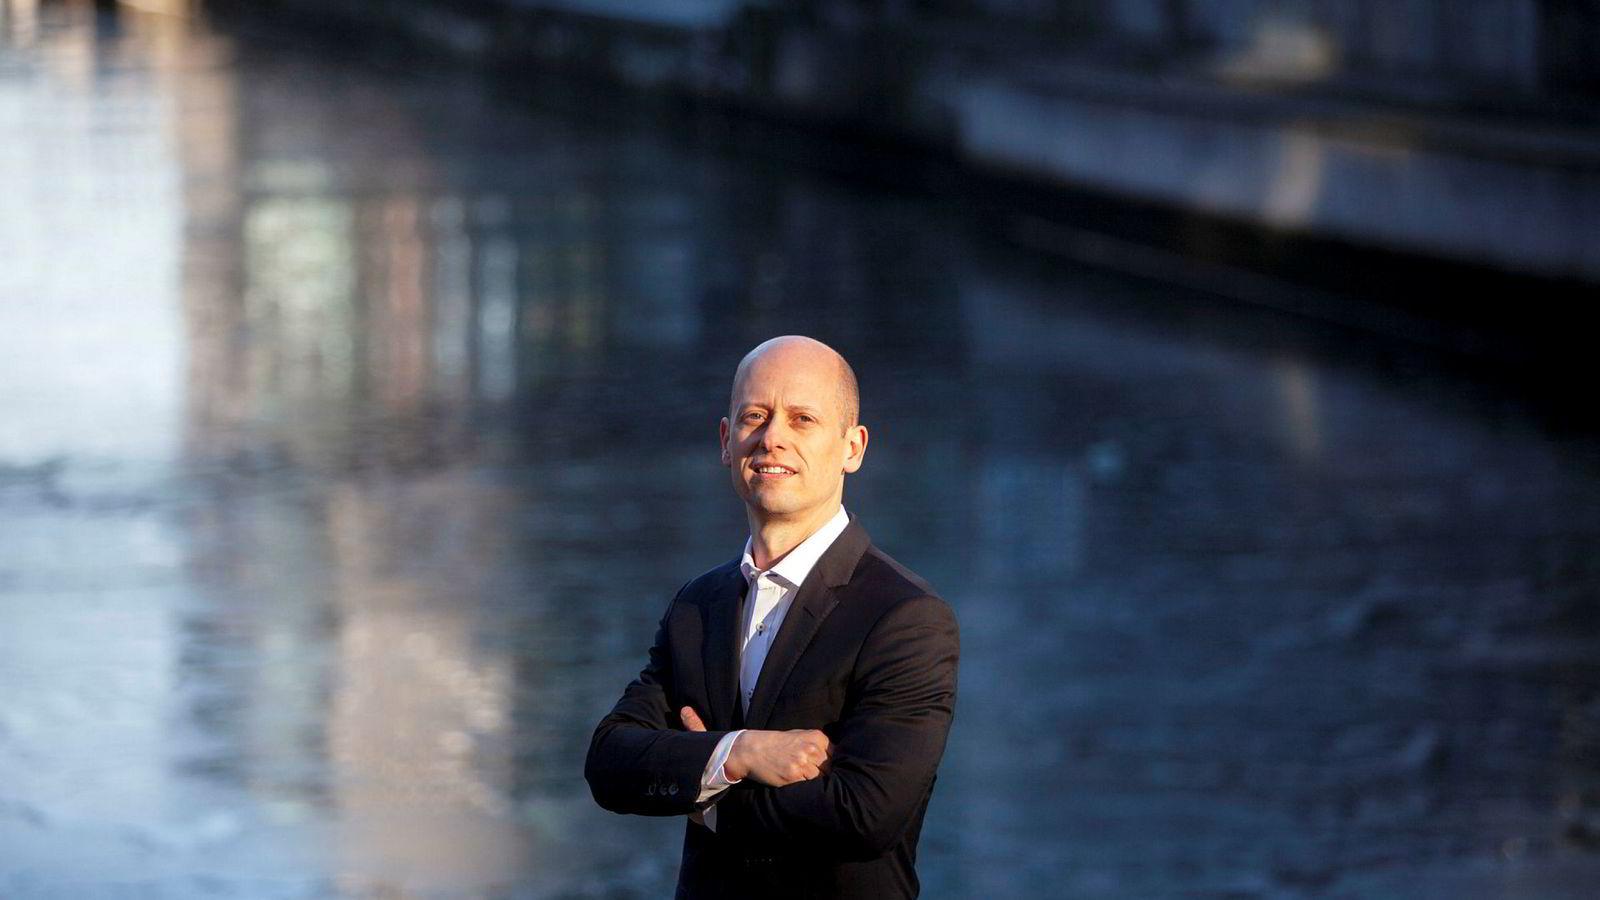 Sjefstrateg Øystein Børsum i Swedbank advarer om store konsekvenser i markedet på grunn av handelskonflikten mellom USA og Kina.